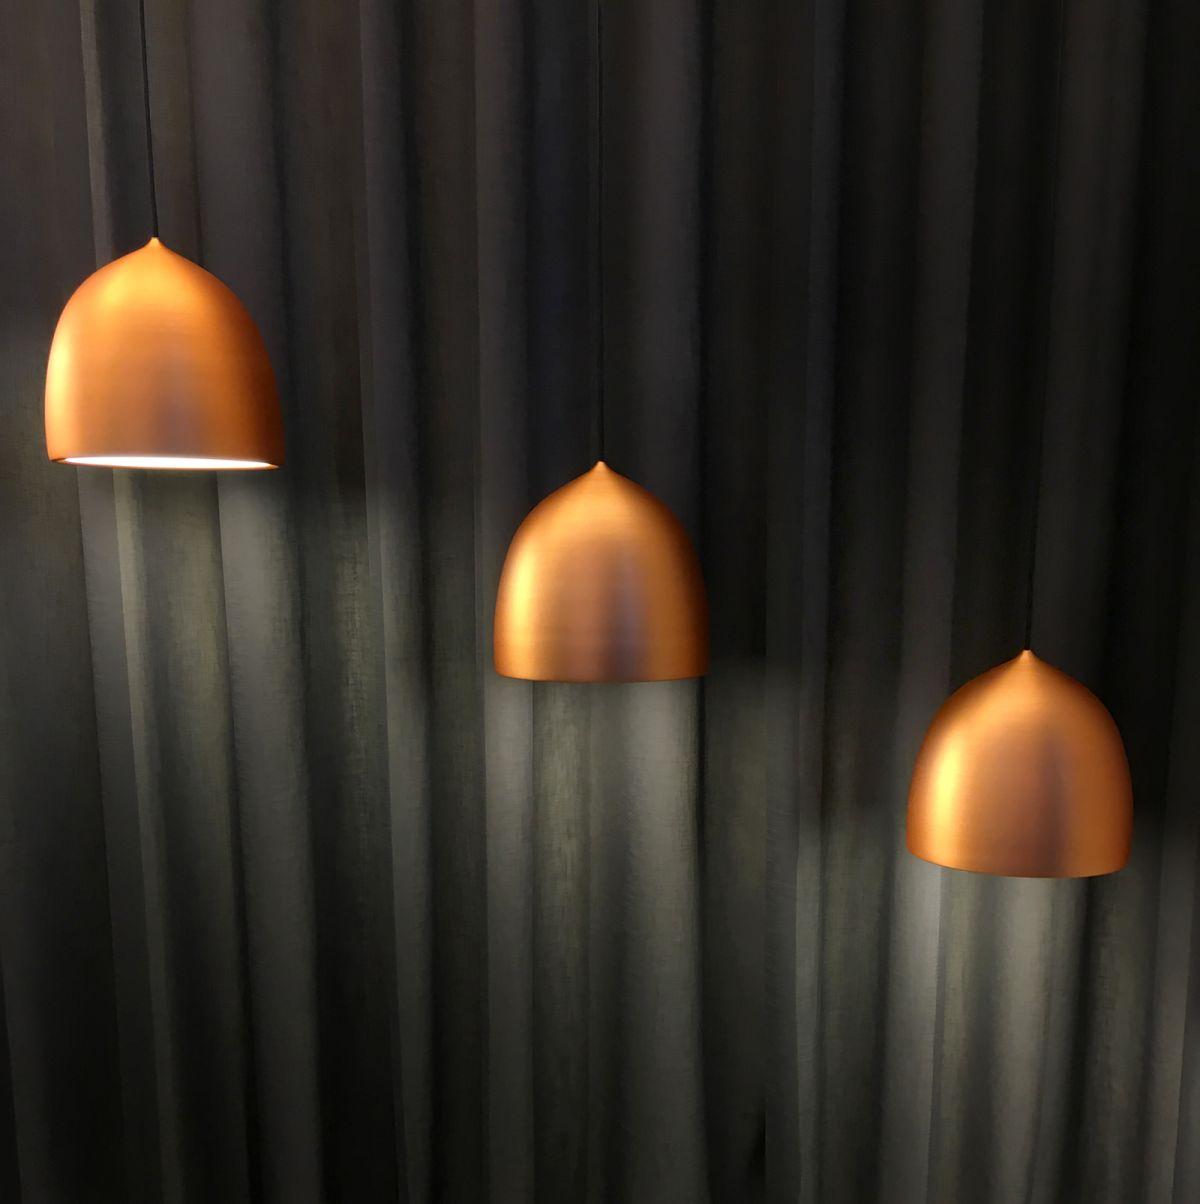 Lightyears: le lampade hanno rivestimenti che si valorizzano se illuminati. Lampade che devono essere illuminate per dare il meglio di sé sono dive da fotografare